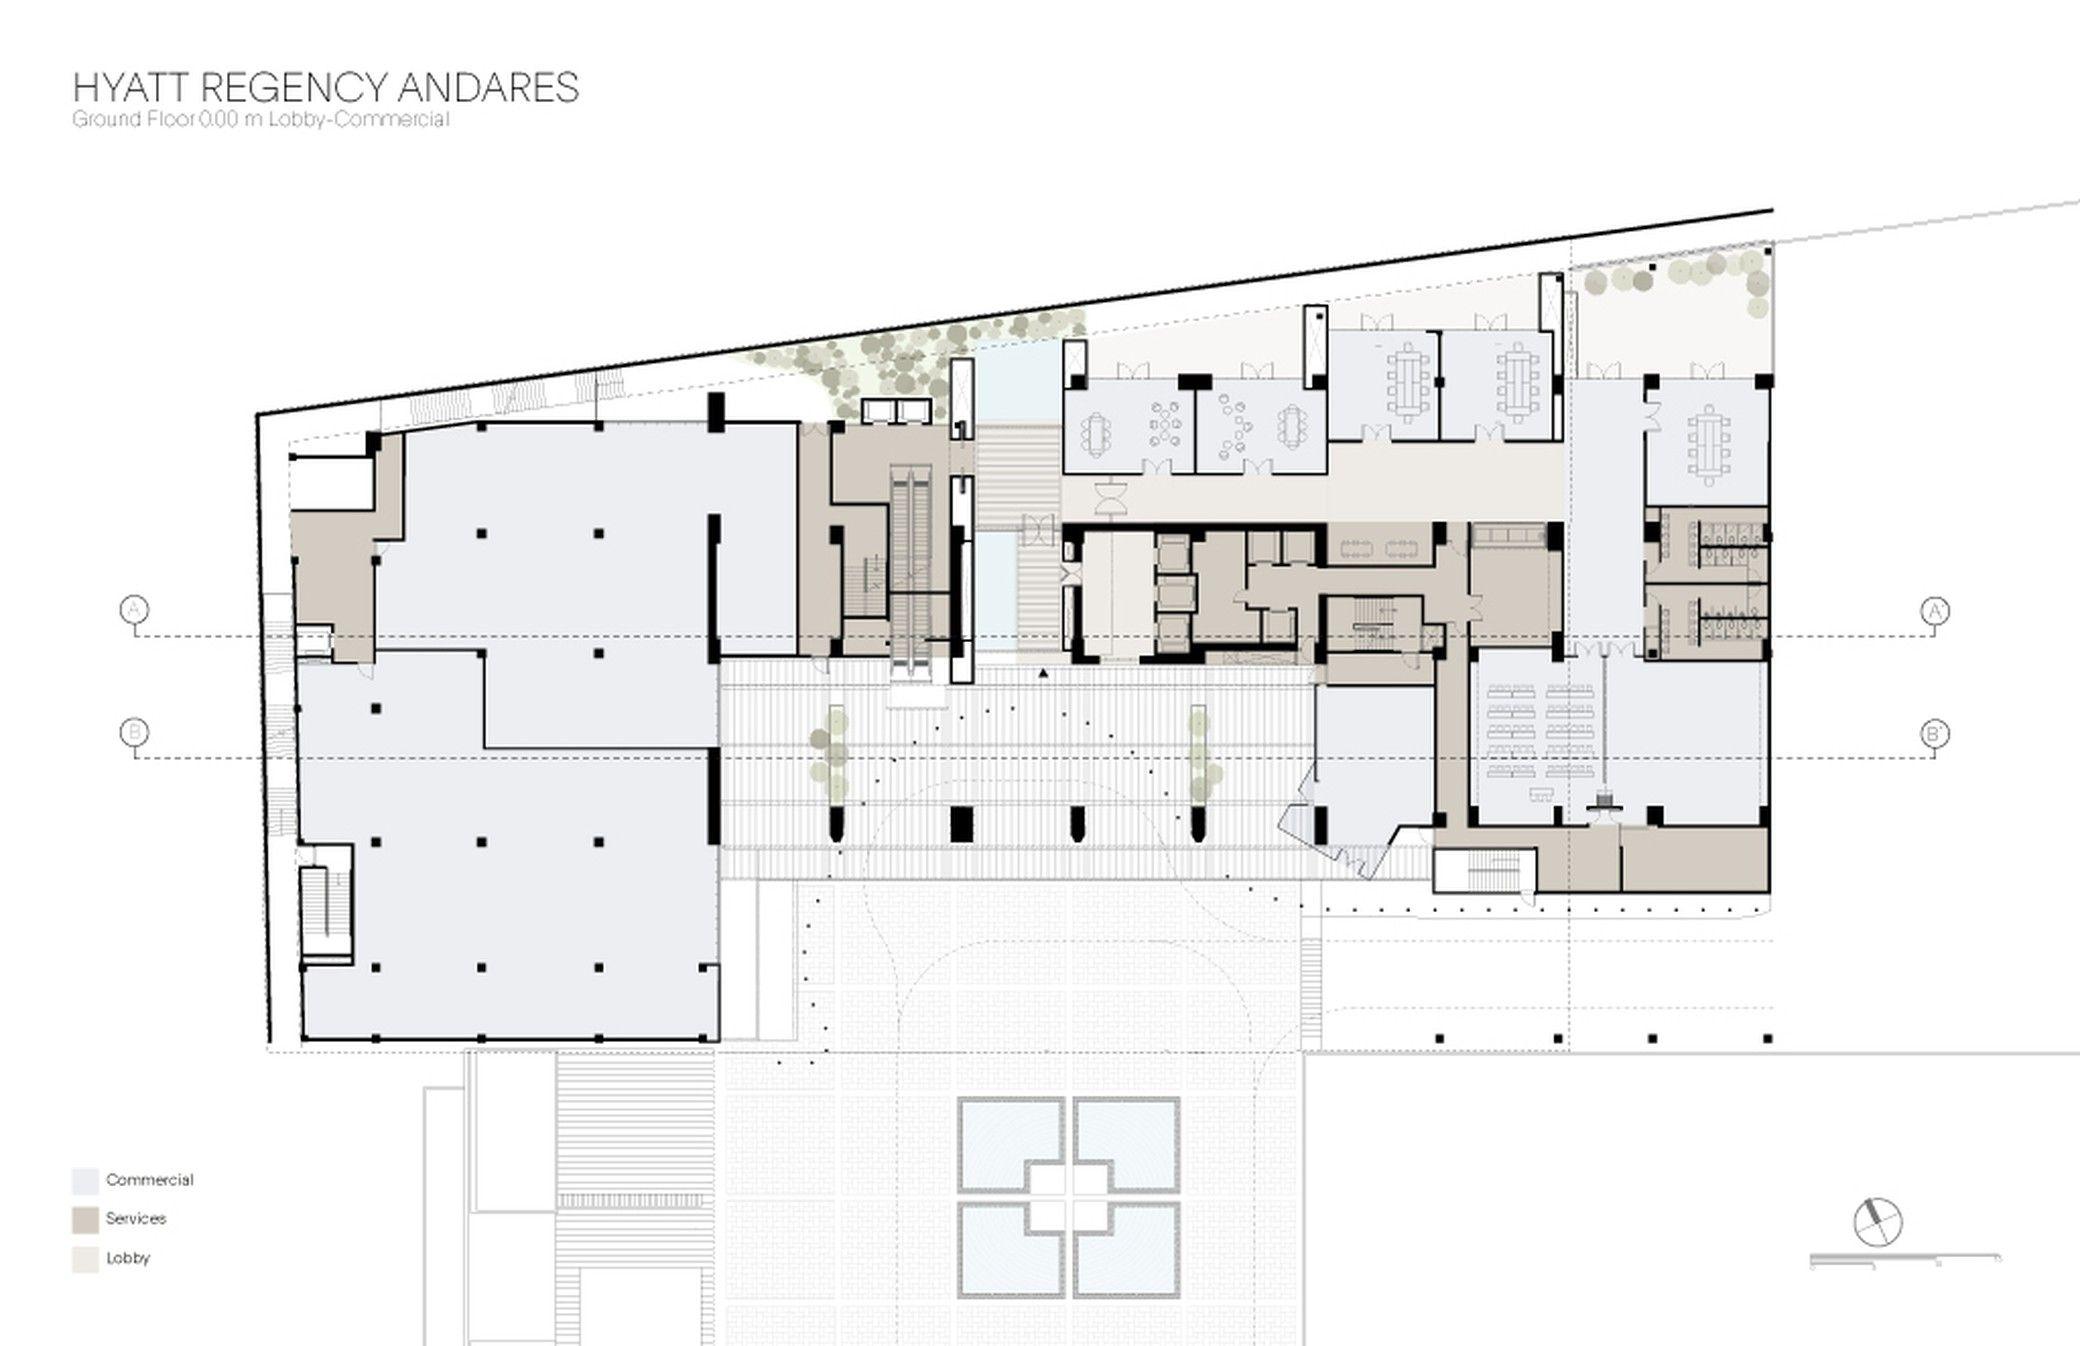 Hotel Hyatt Regency Andares Sordo Madaleno Arquitectos Arch2o Com Hotel Floor Plan Hotel Floor Hyatt Hotels